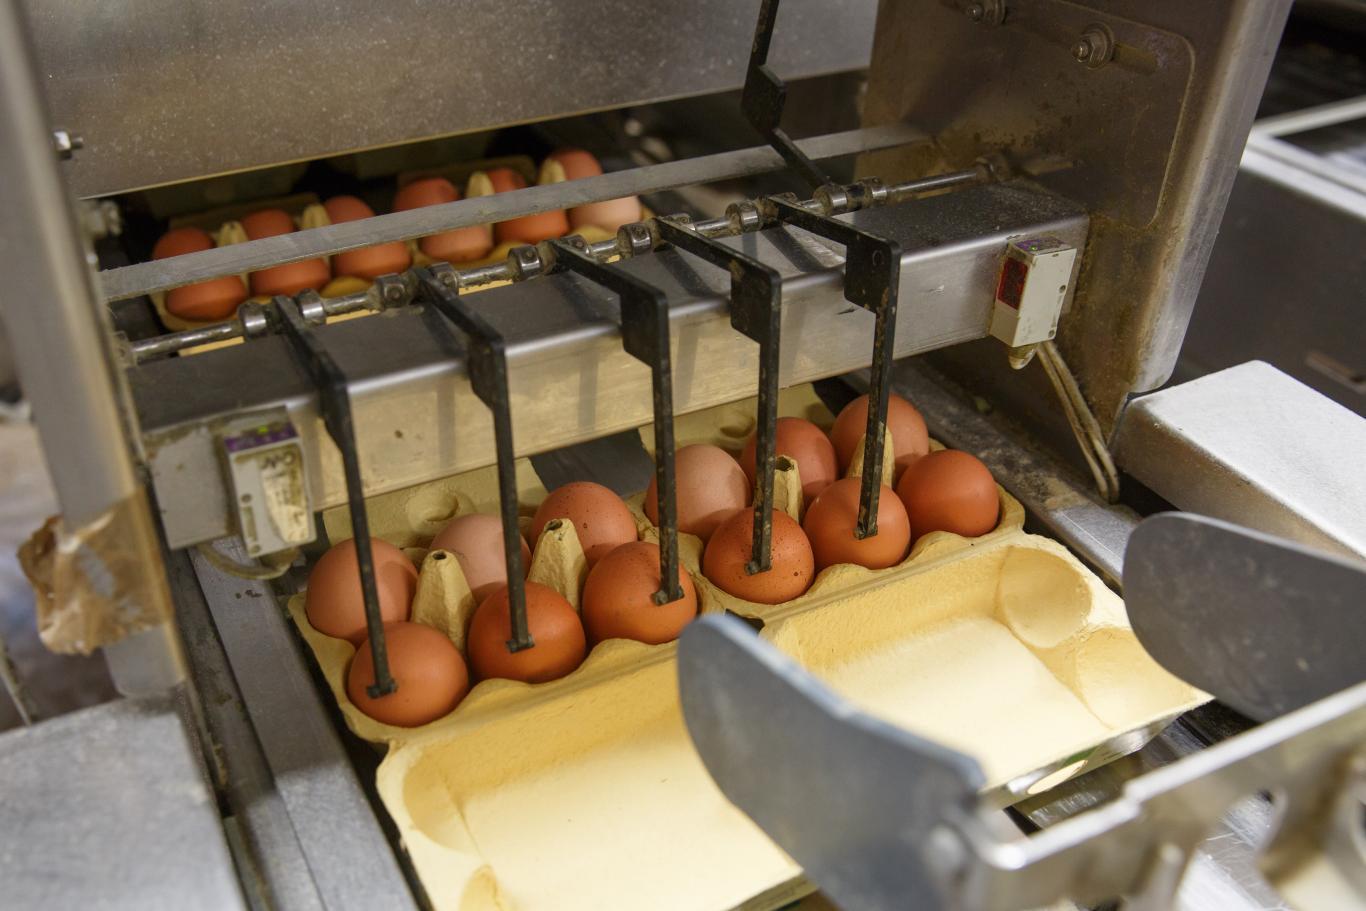 Instalación en la que se clasifican huevos de gallina